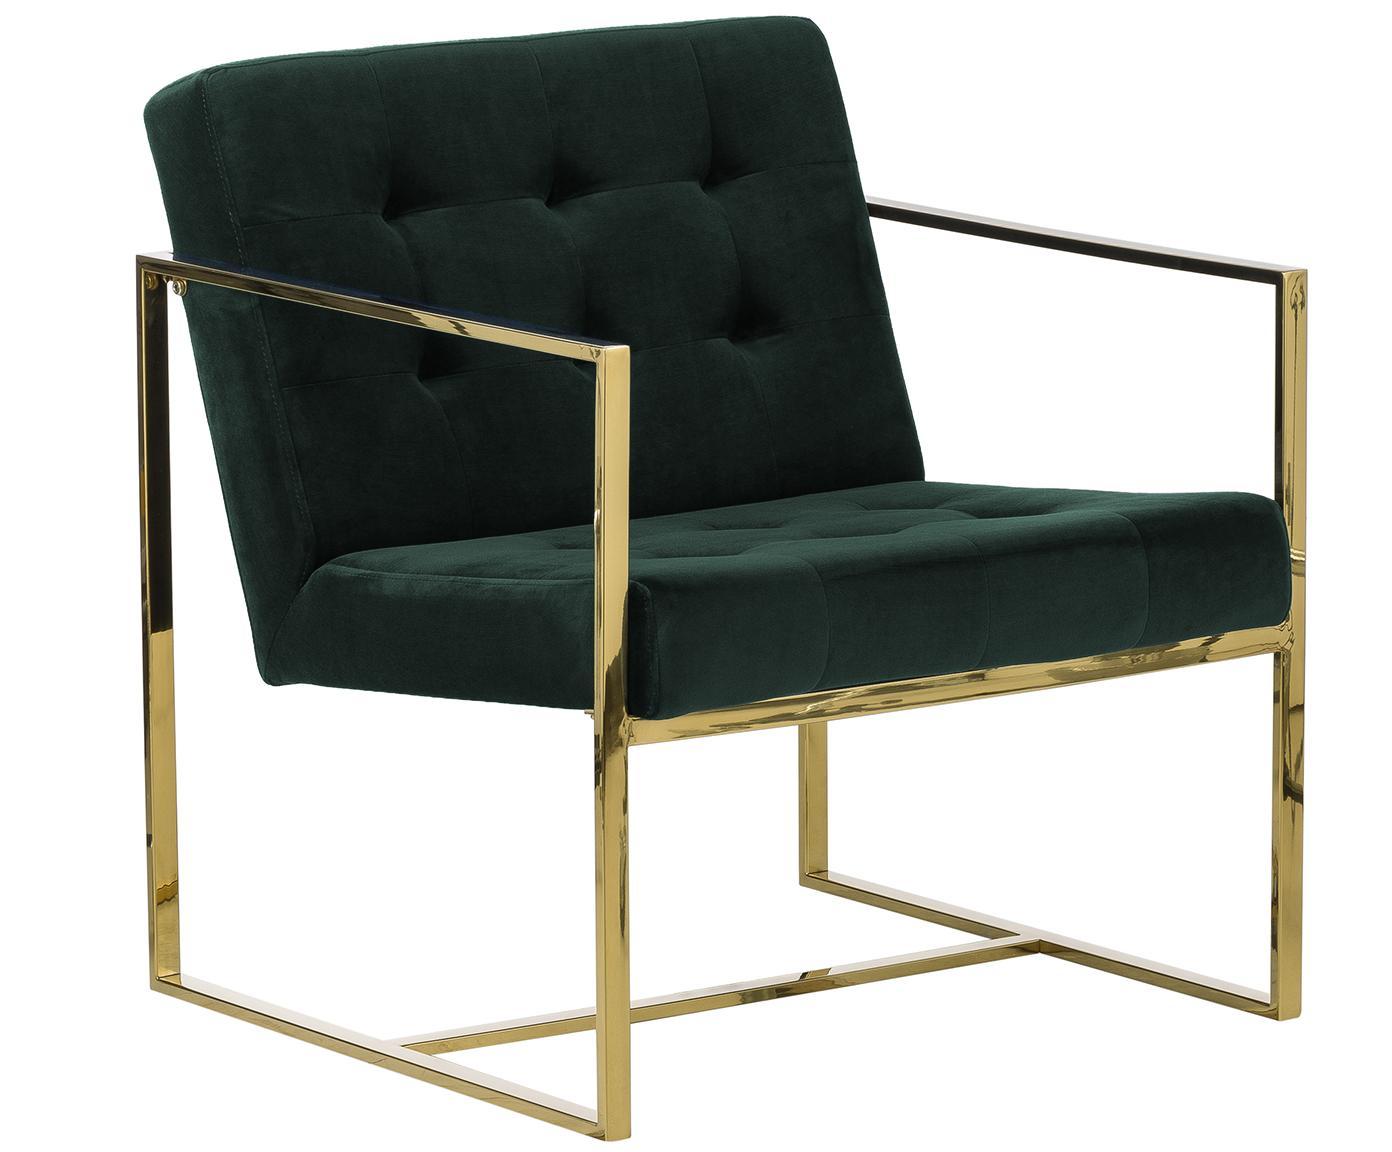 Sedia a poltrona in velluto Manhattan, Rivestimento: velluto (poliestere), Struttura: metallo rivestito, Velluto verde scuro, Larg. 70 x Prof. 72 cm